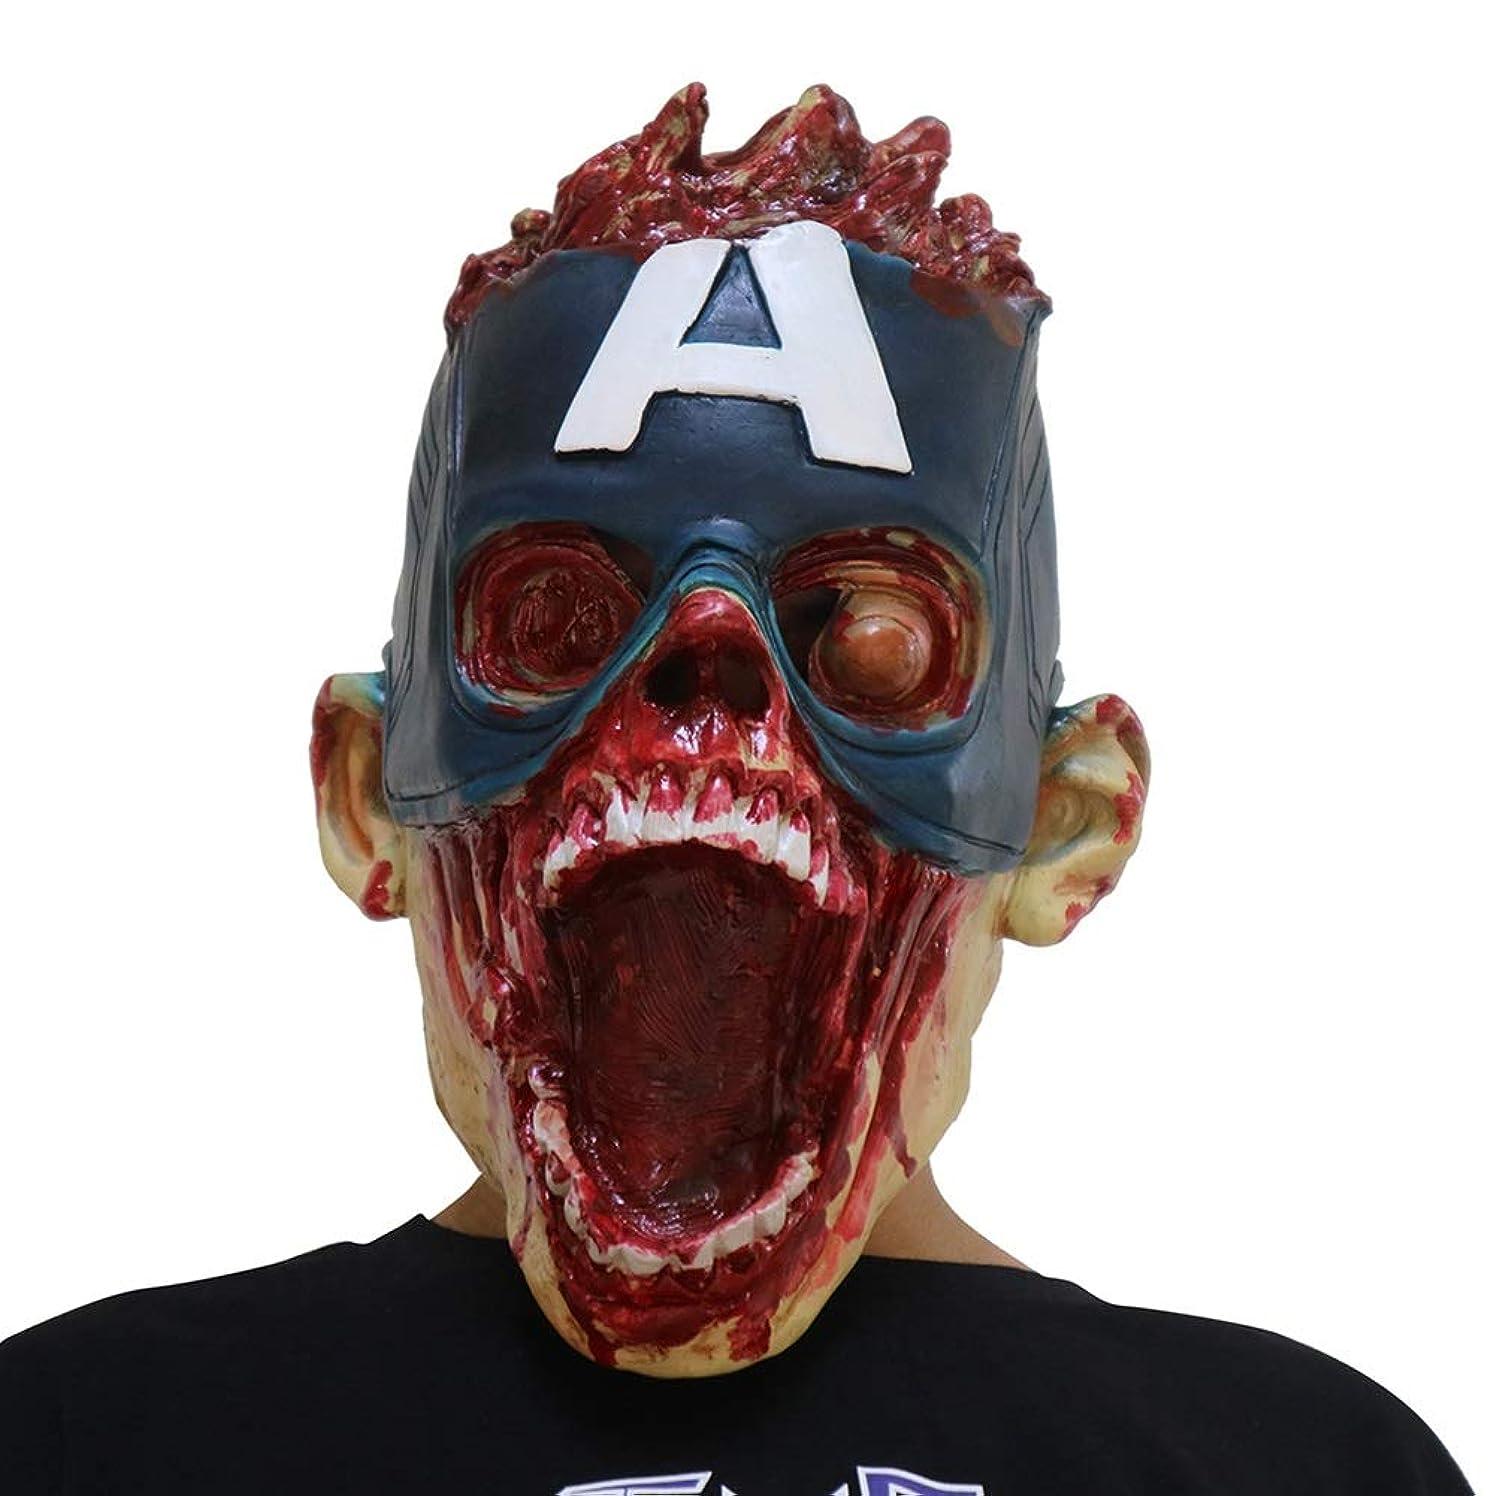 勘違いするどちらもモデレータハロウィーンホラーマスク、キャプテンアメリカヘッドマスク、クリエイティブデビルマスク、ラテックスVizardマスク、コスチュームプロップトカゲマスク